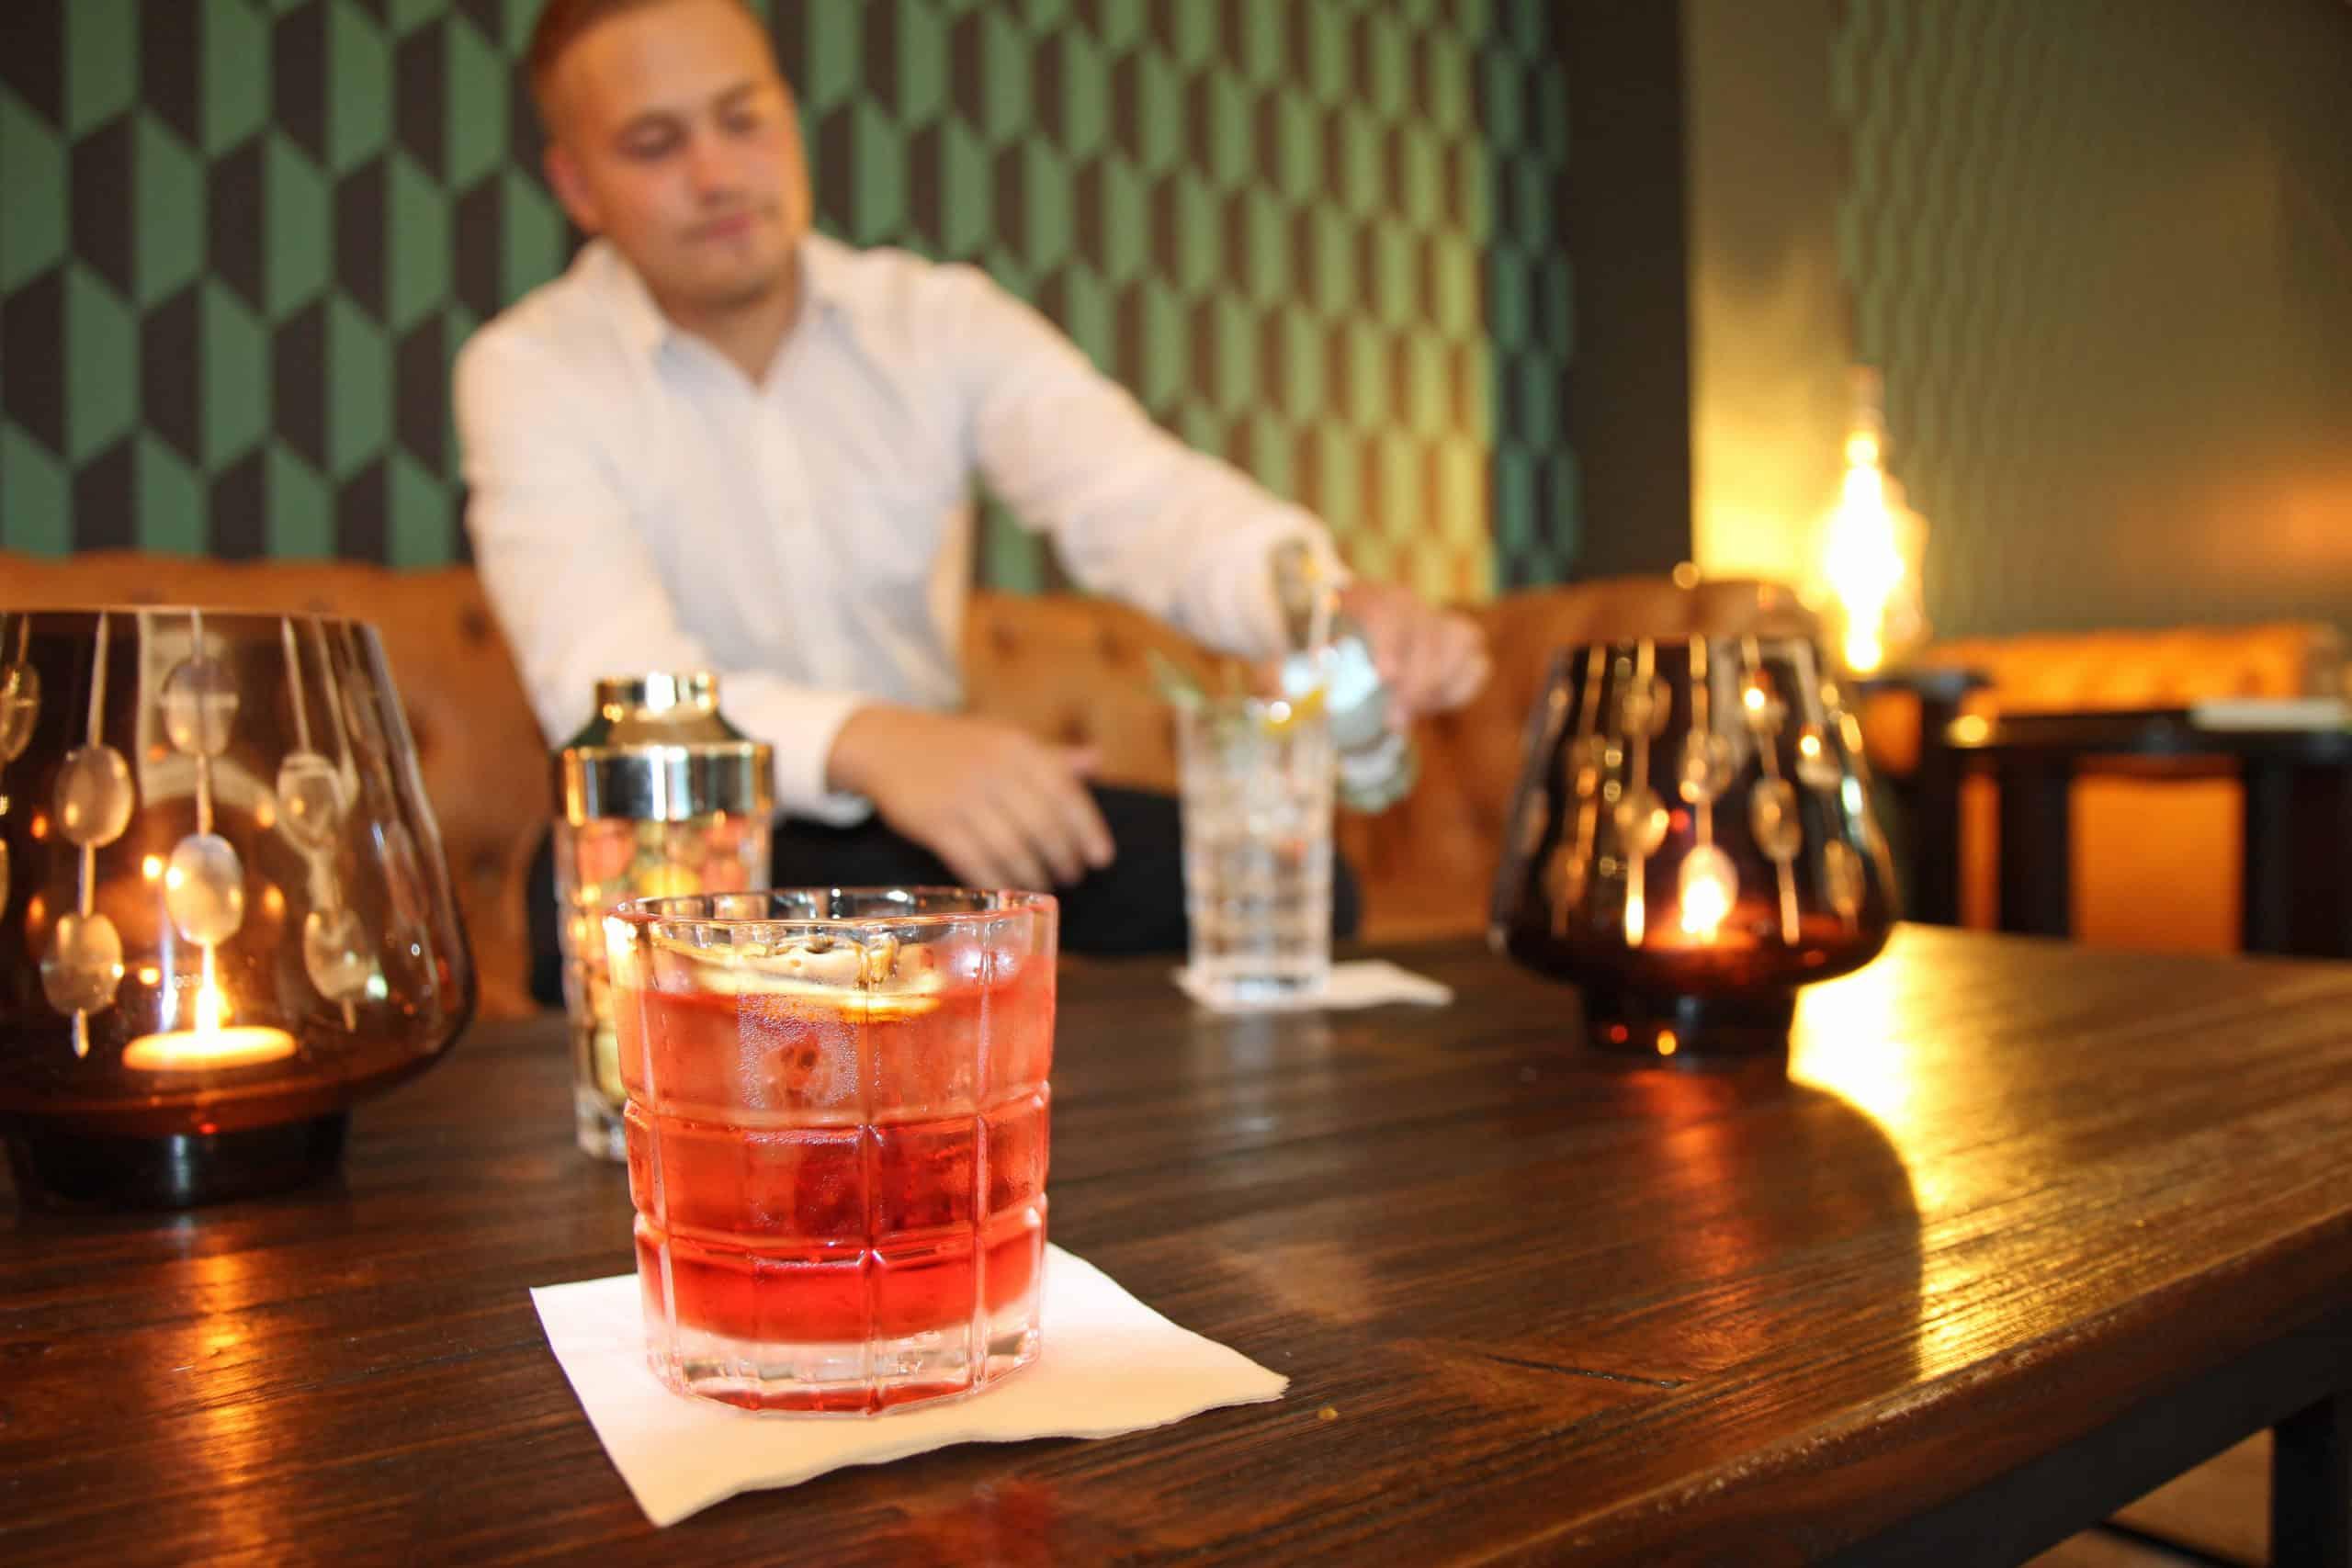 Leonardo glaskoch - Cocktail im Spiritii-Glas - Robin Vatter vom Negroni im A-Rosa Sylt